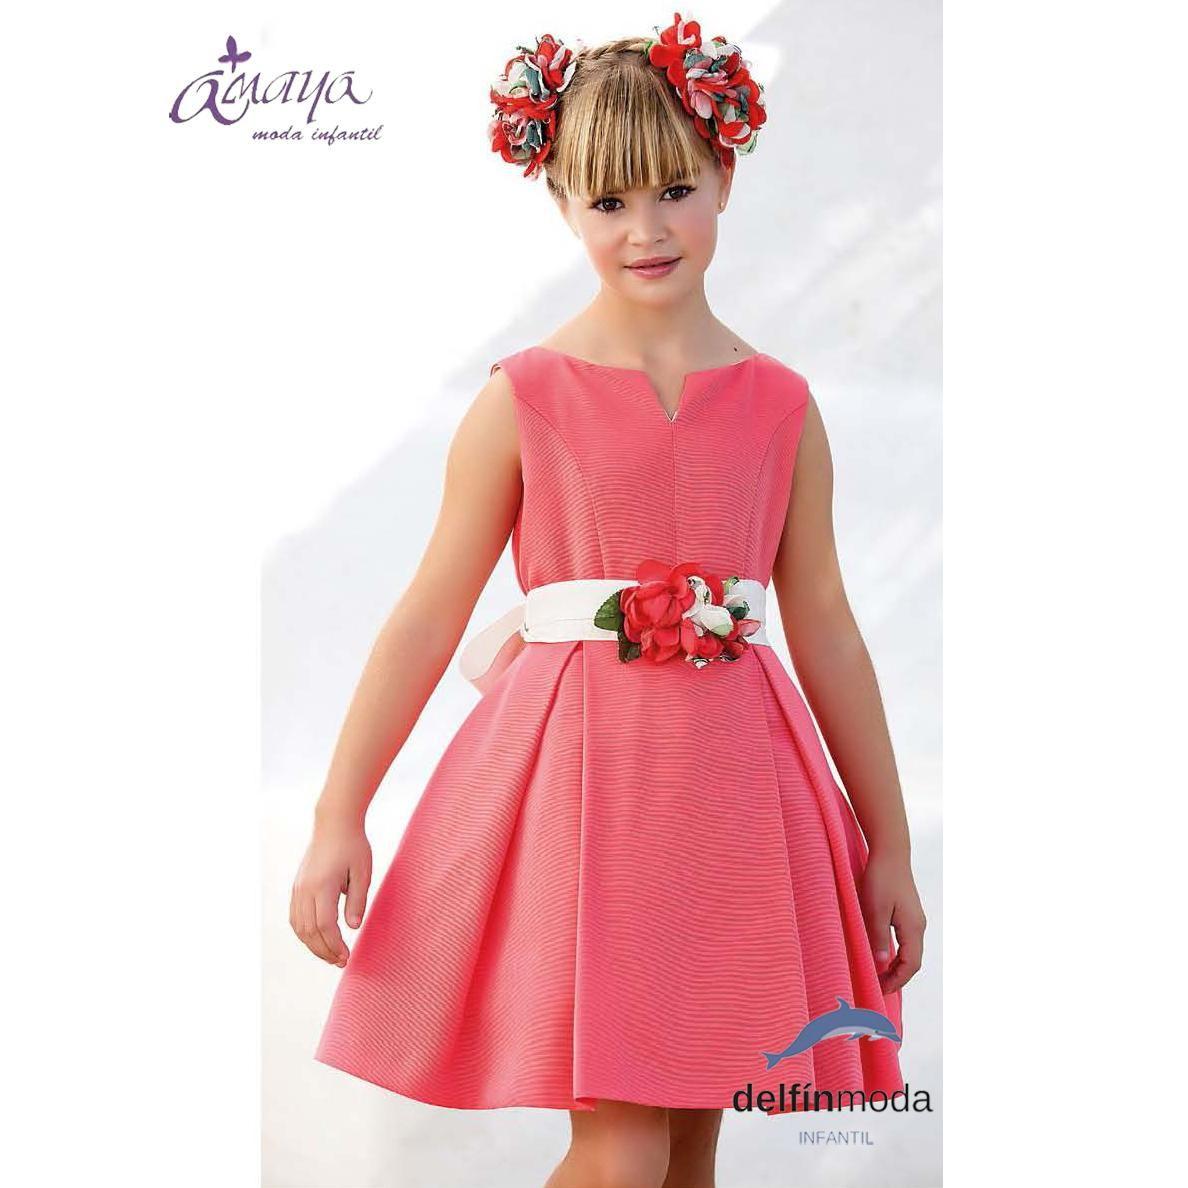 Catalogos de vestidos de fiesta para nina